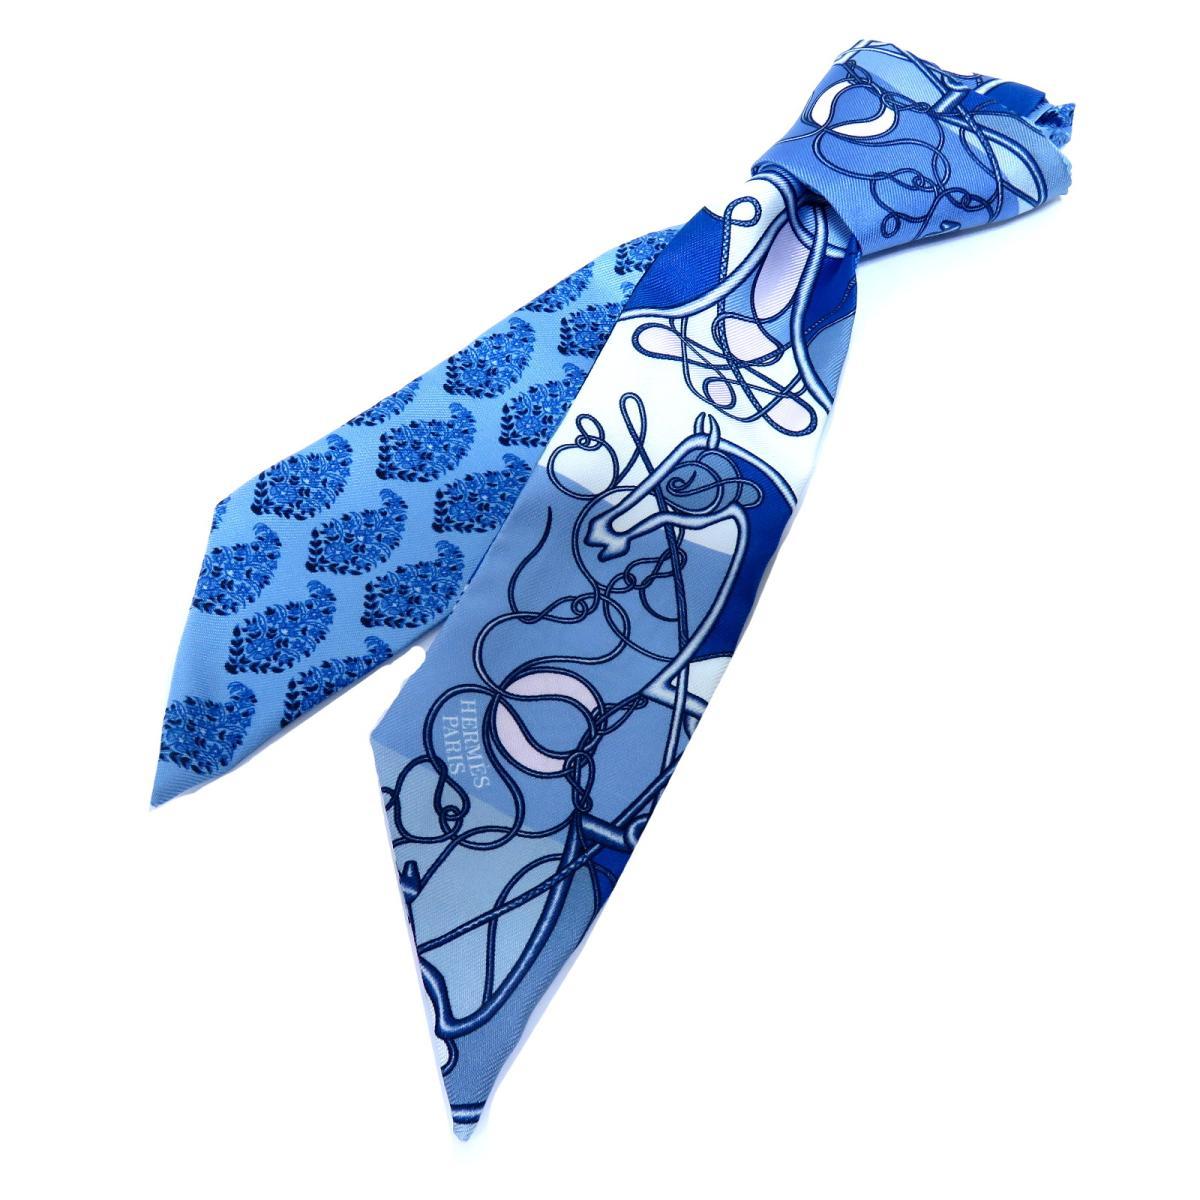 エルメス トゥイリー スカーフ 衣料品 レディース シルク BLEU/BLANC/ROSE | HERMES BRANDOFF ブランドオフ ブランド